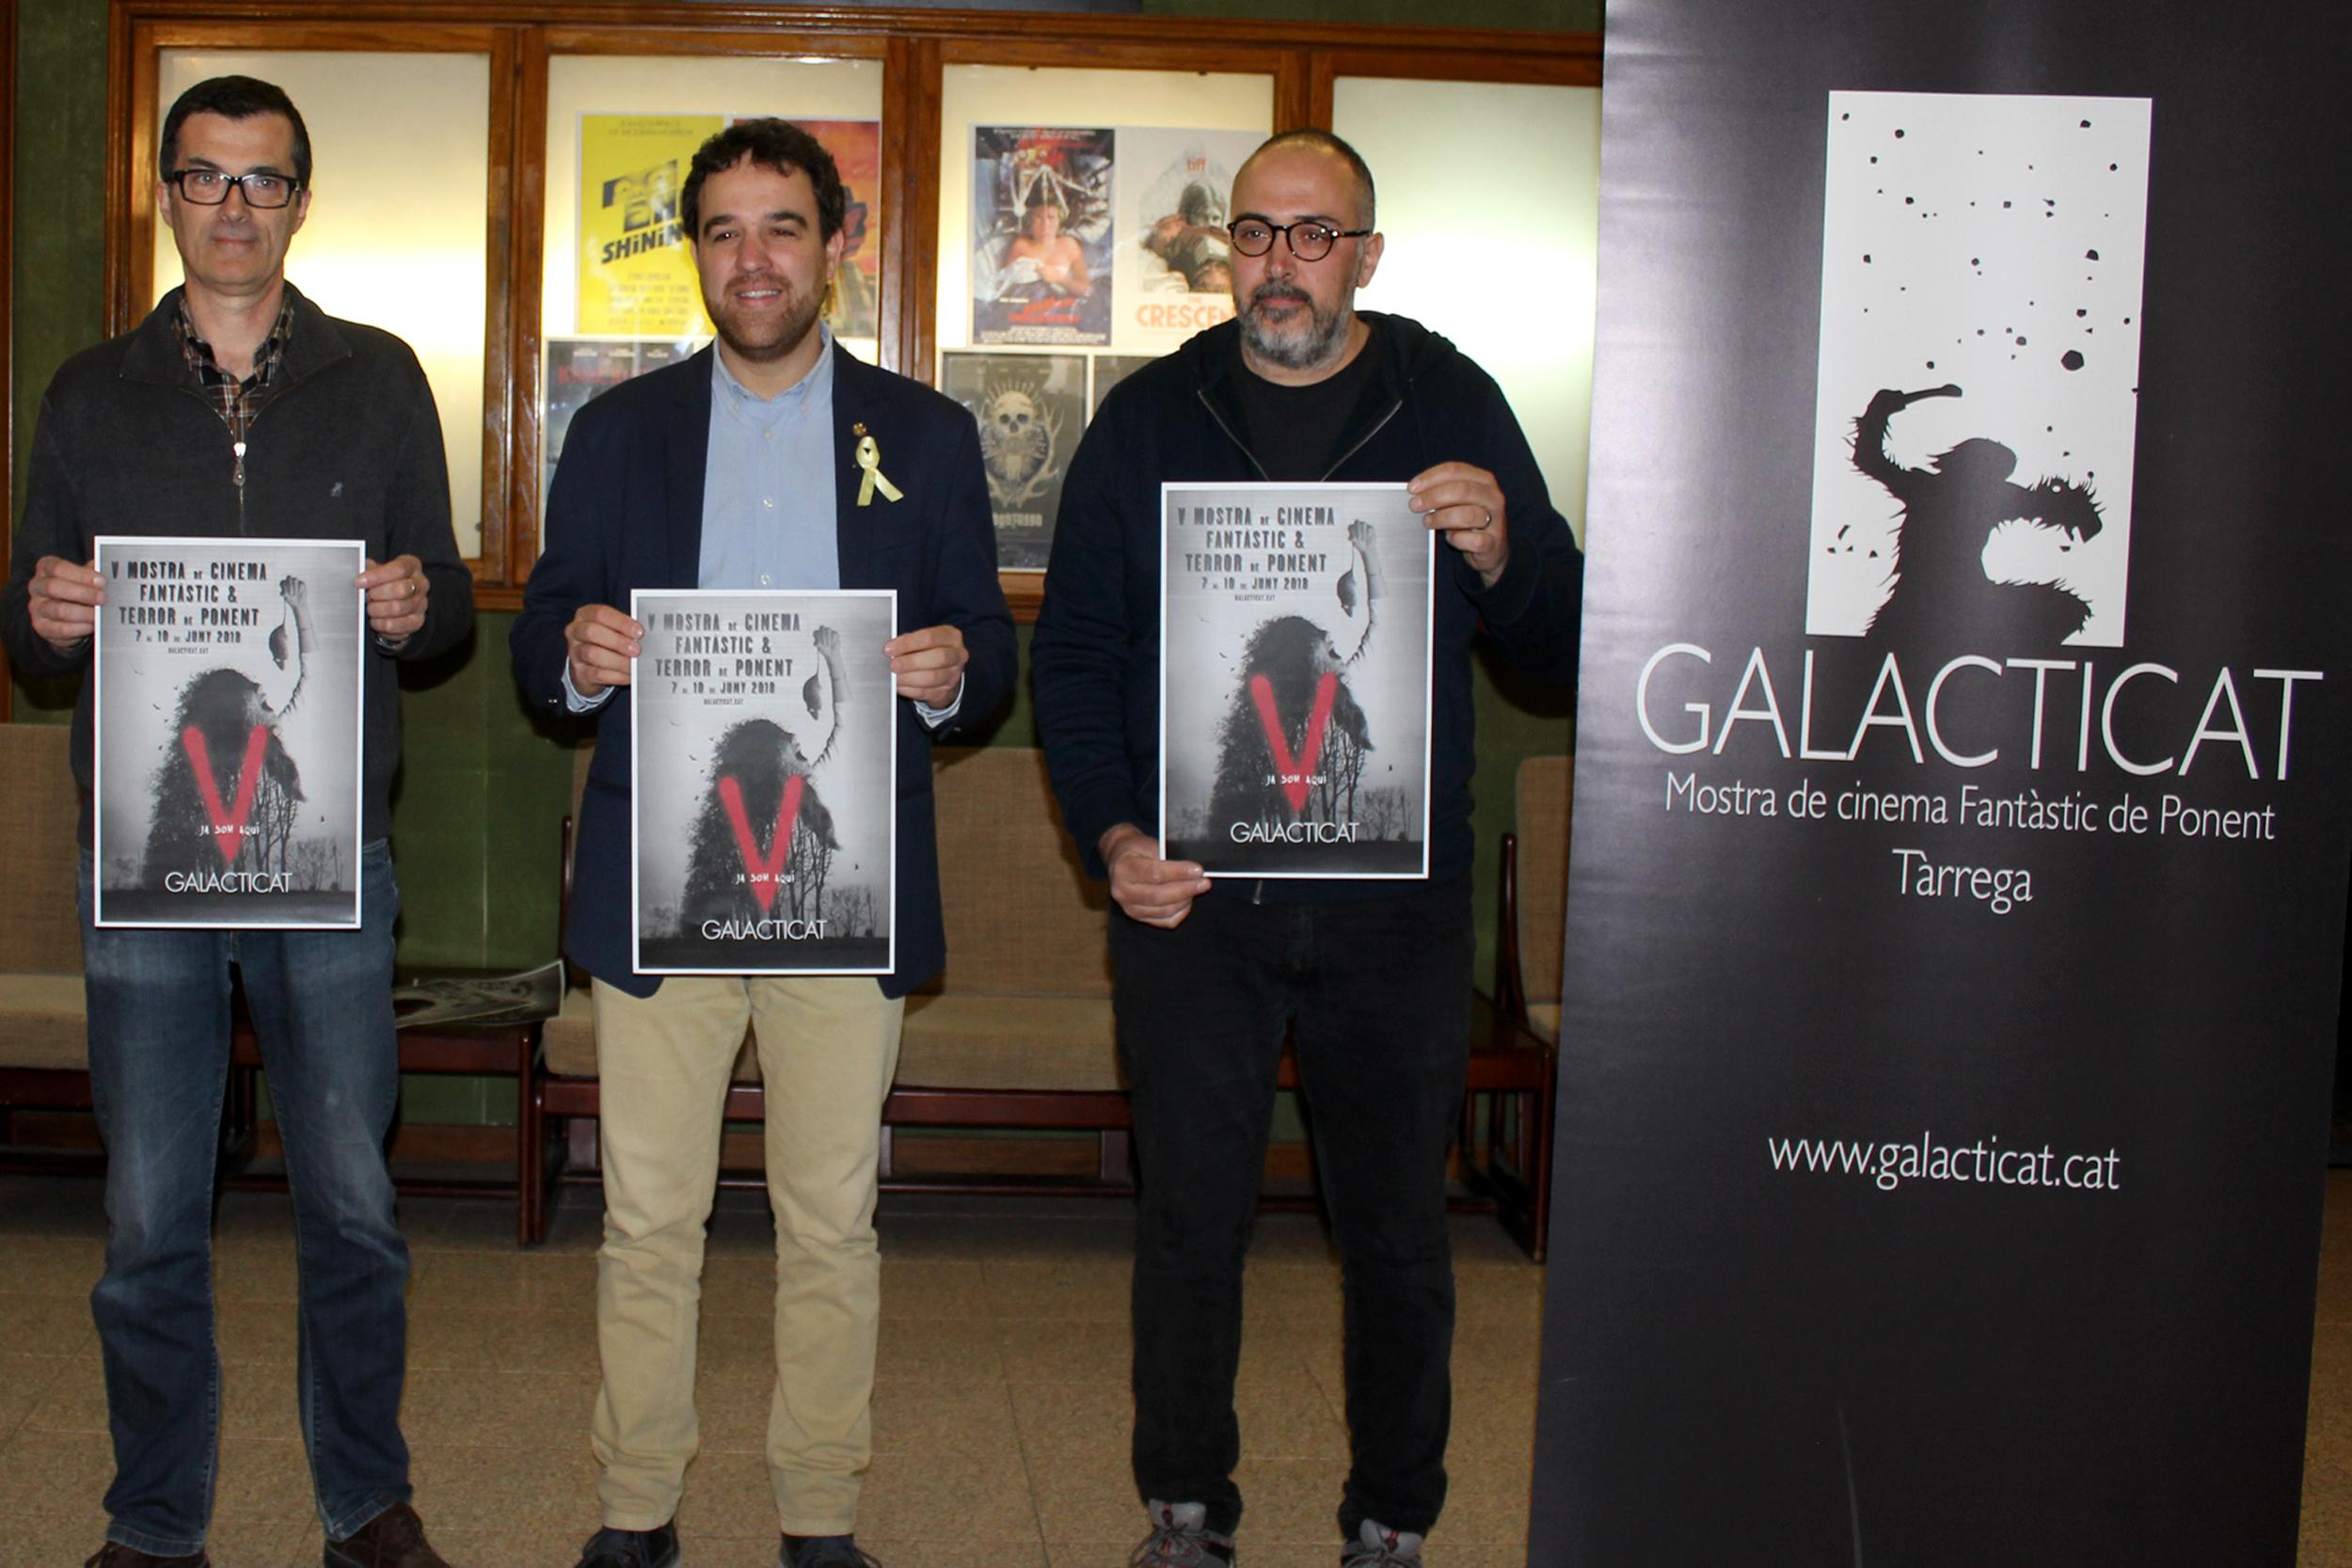 Tàrrega incorpora el terror a la mostra de cinema fantàstic Galacticat